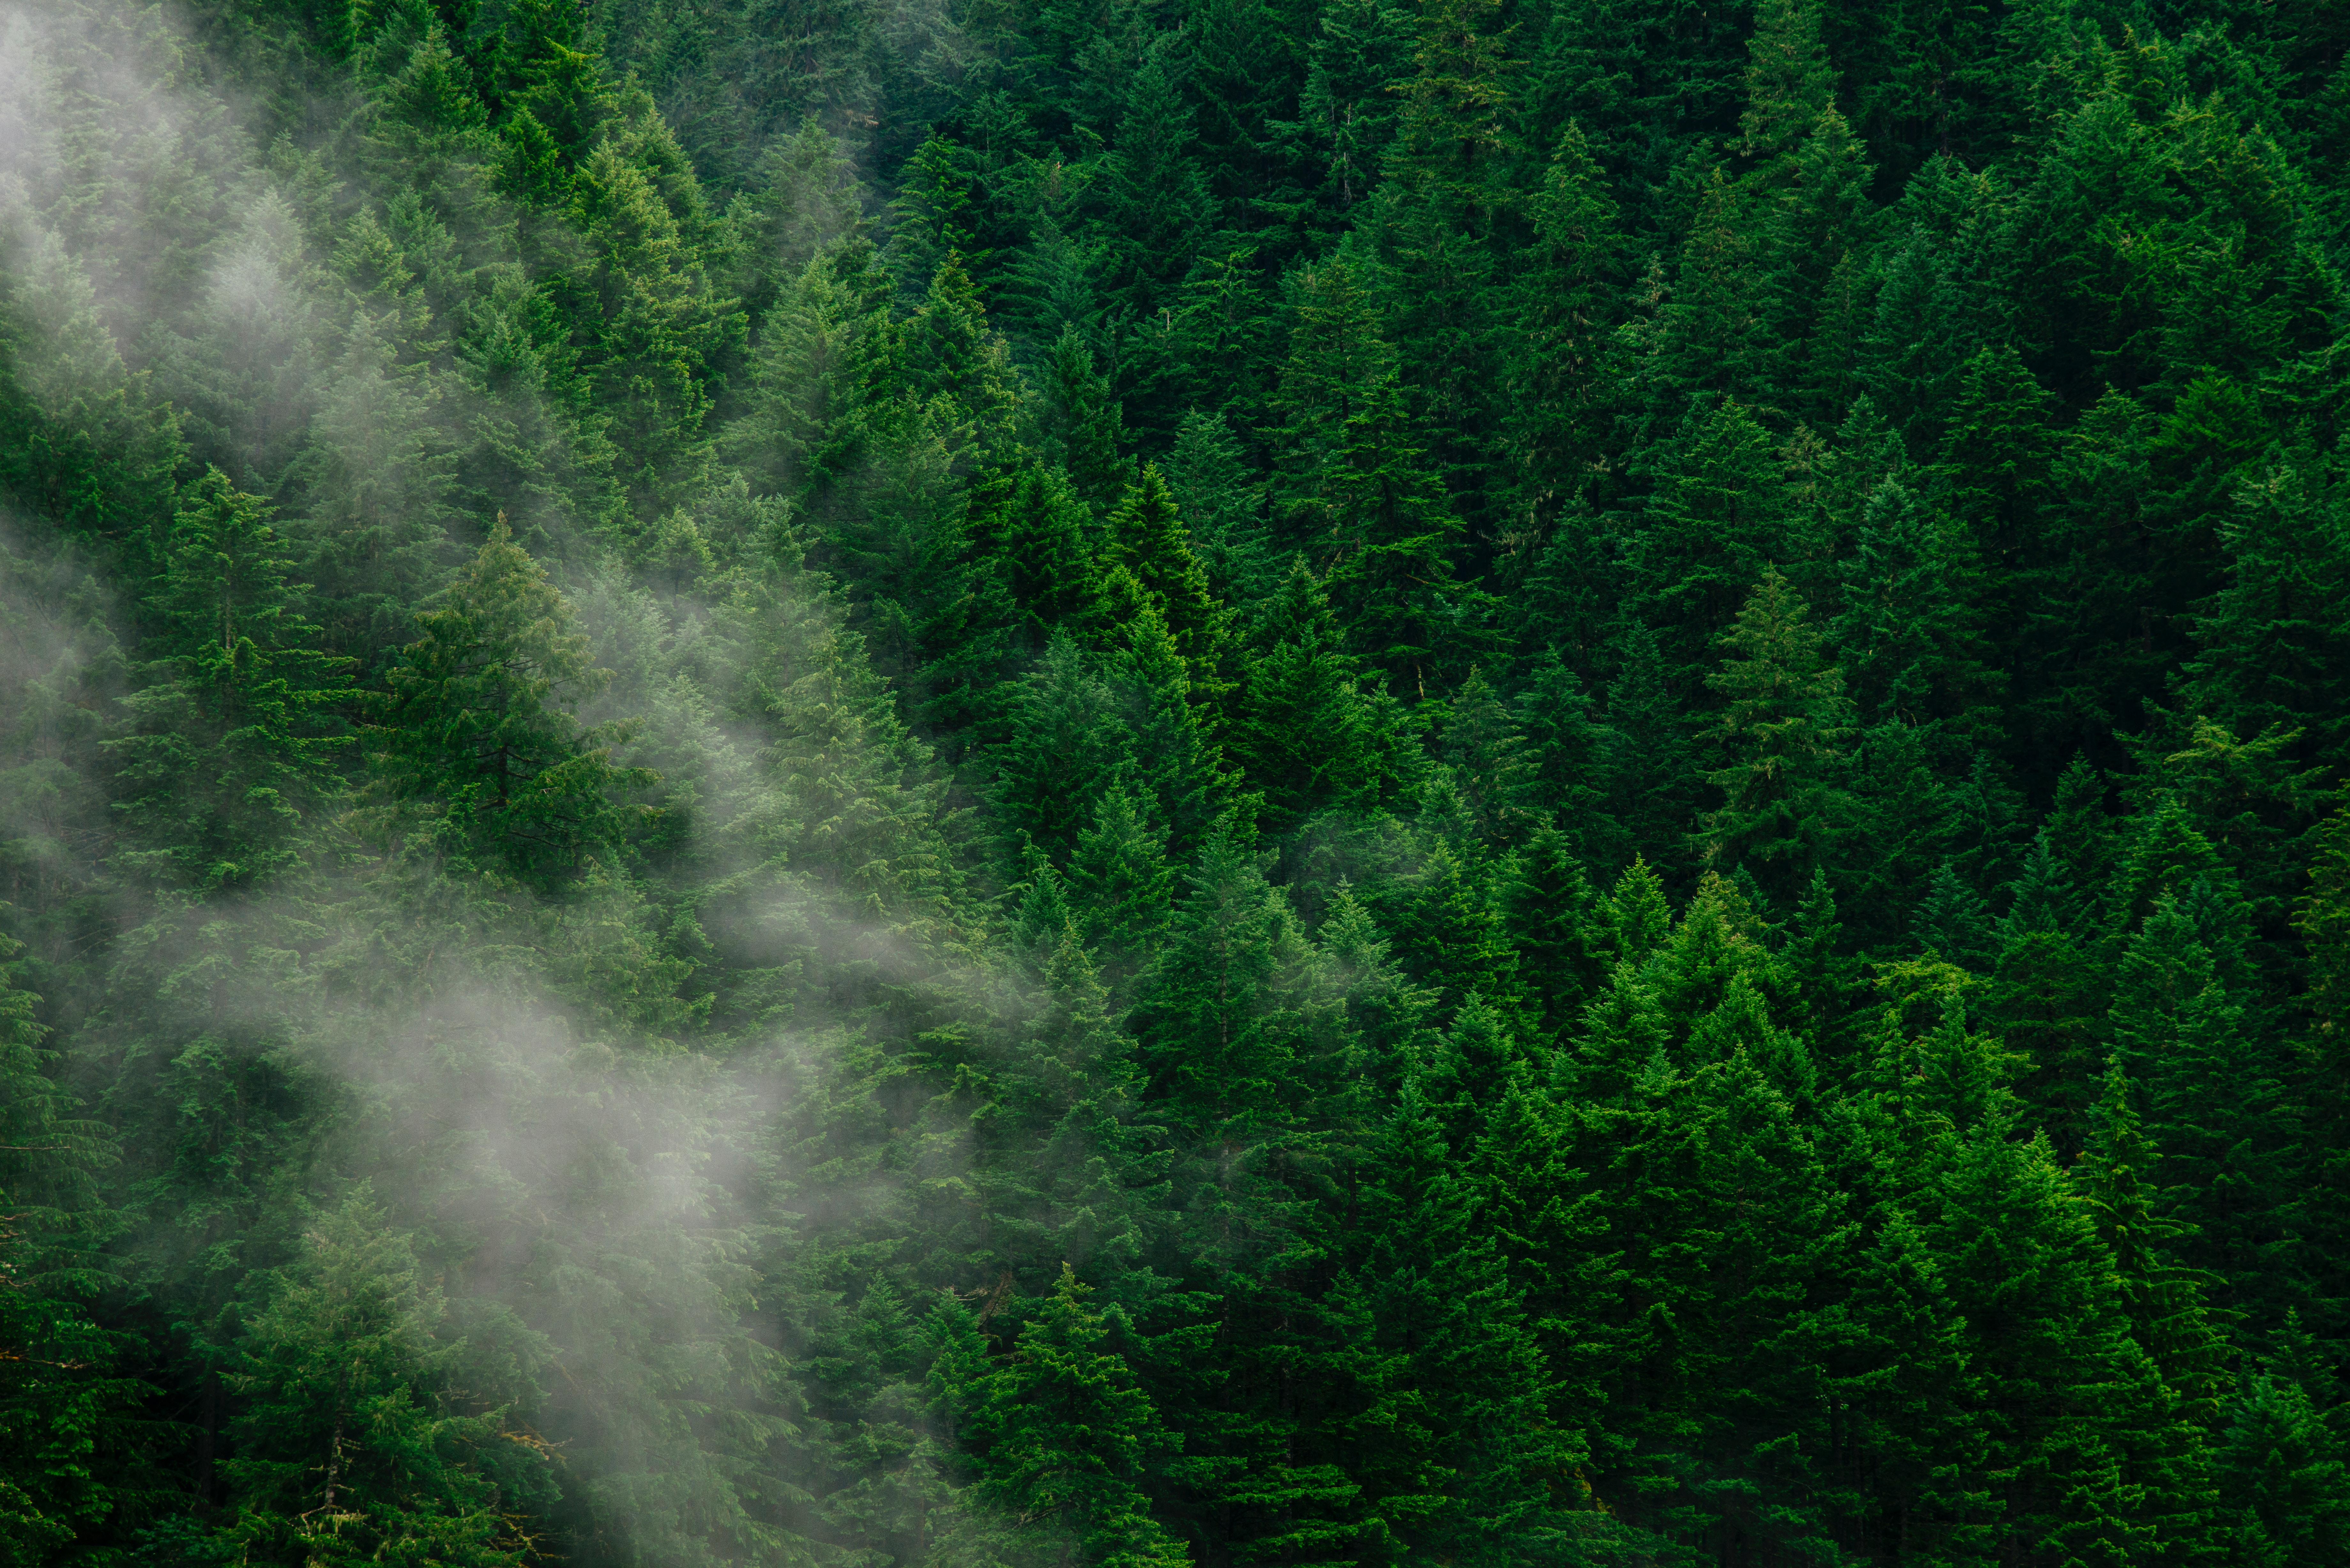 Les aires protégées, un moyen efficace de lutte contre la déforestation tropicale ?